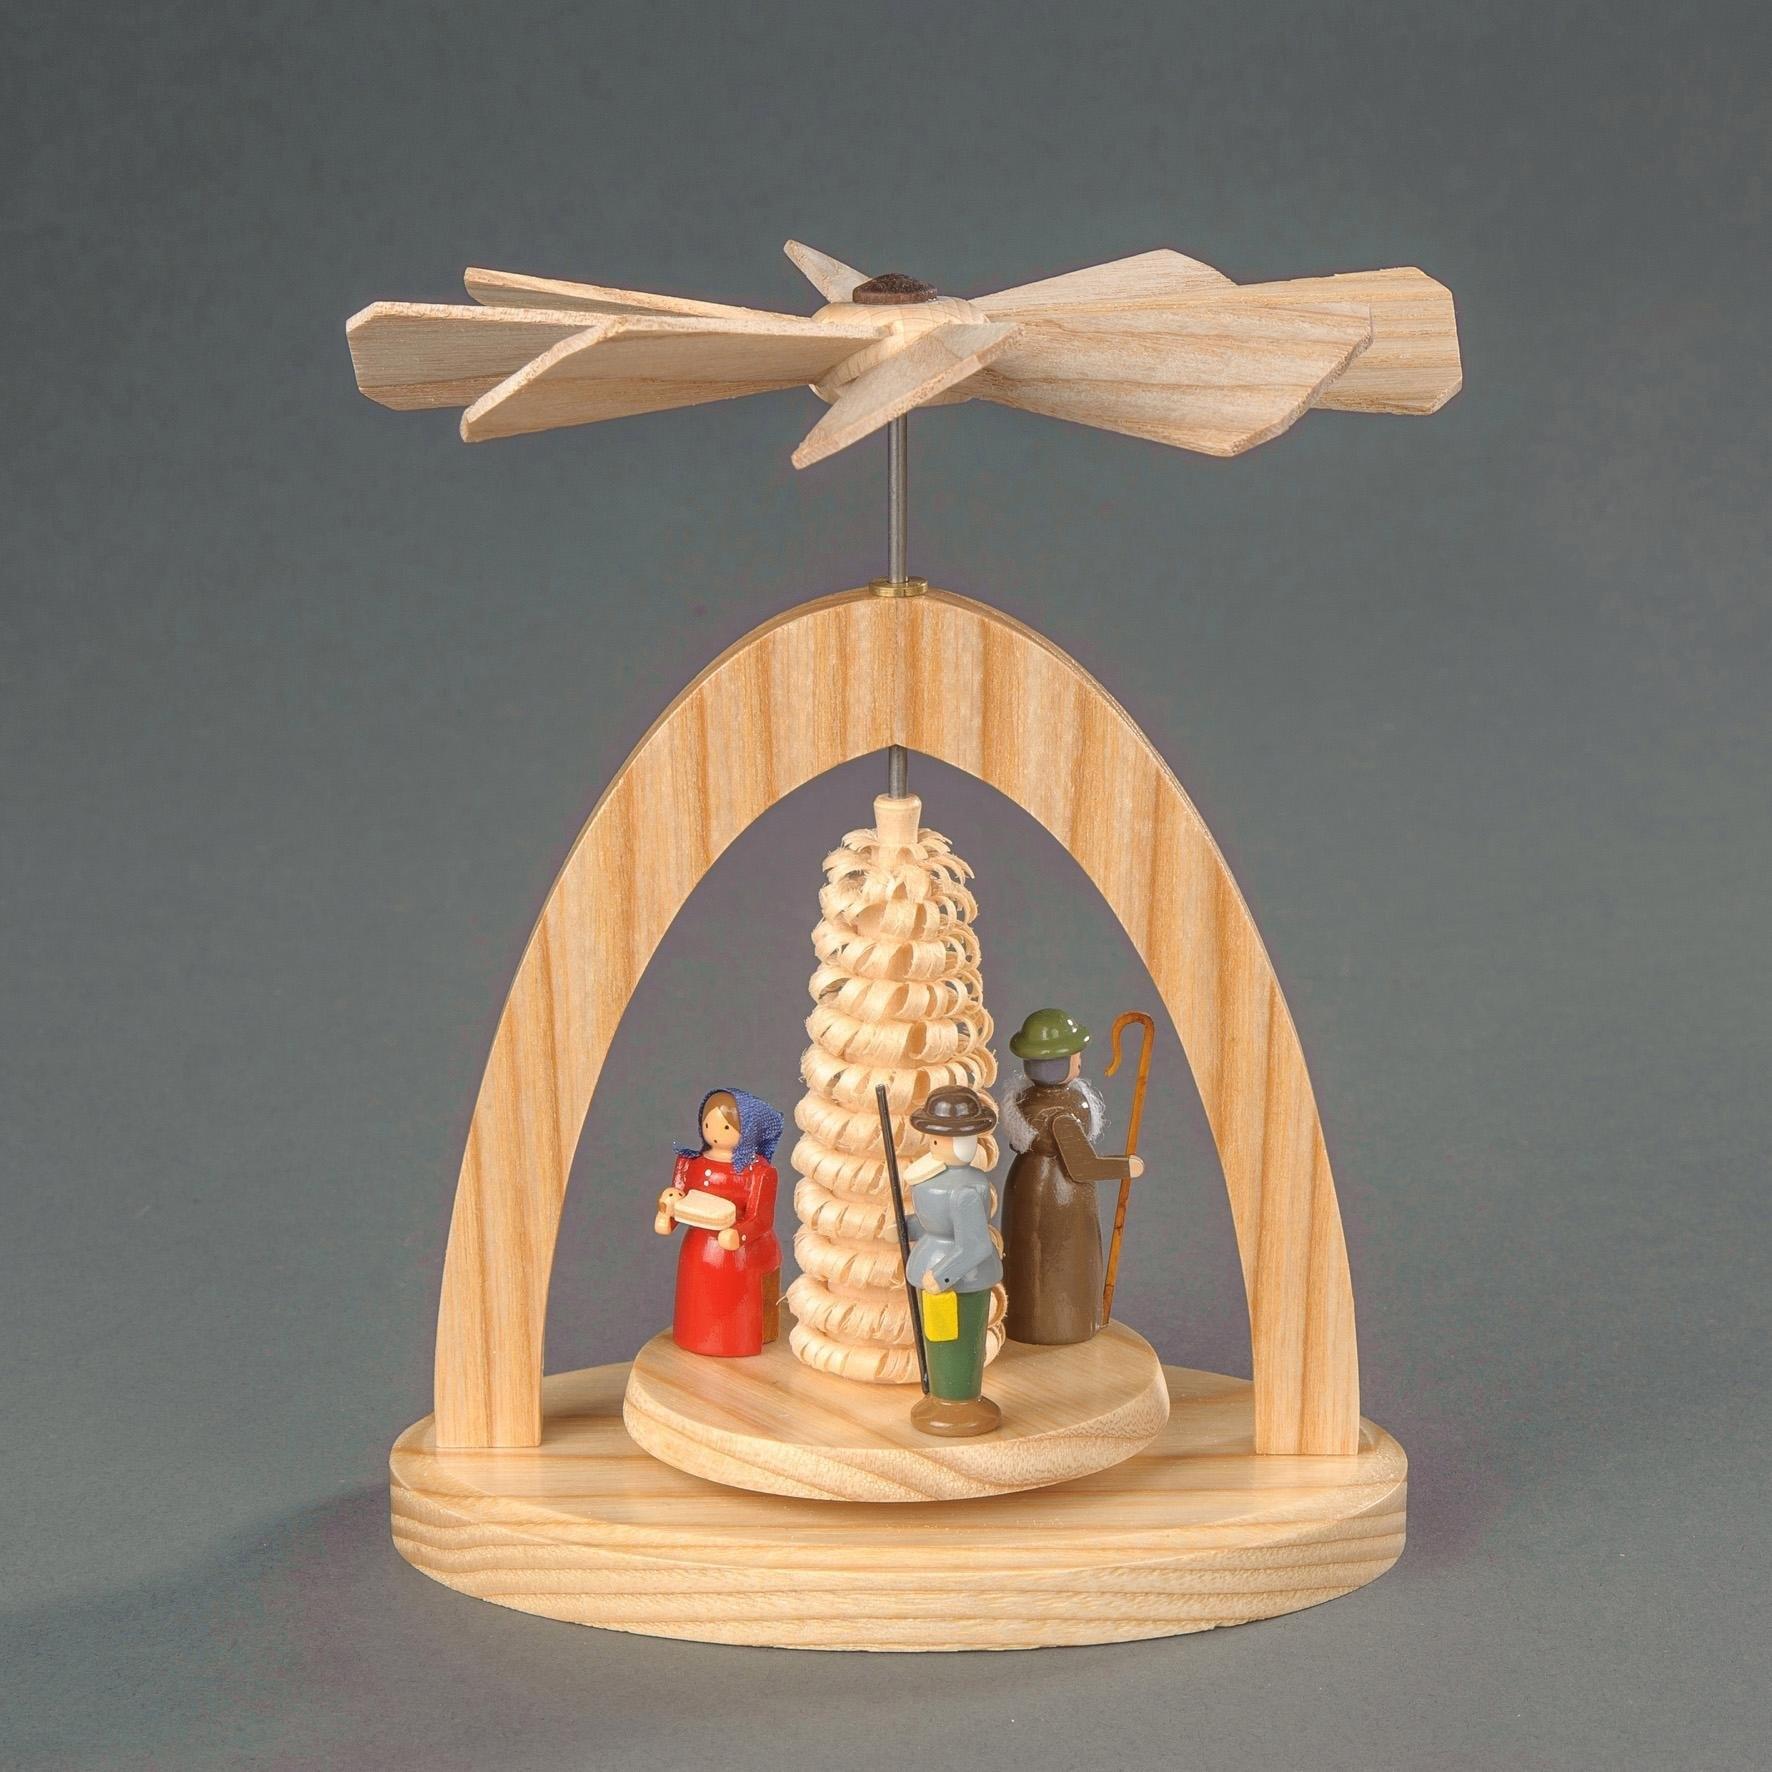 Op zoek naar een Albin Preissler kerstpiramide Warmtemobiel - de geboorte van Jezus? Koop online bij OTTO